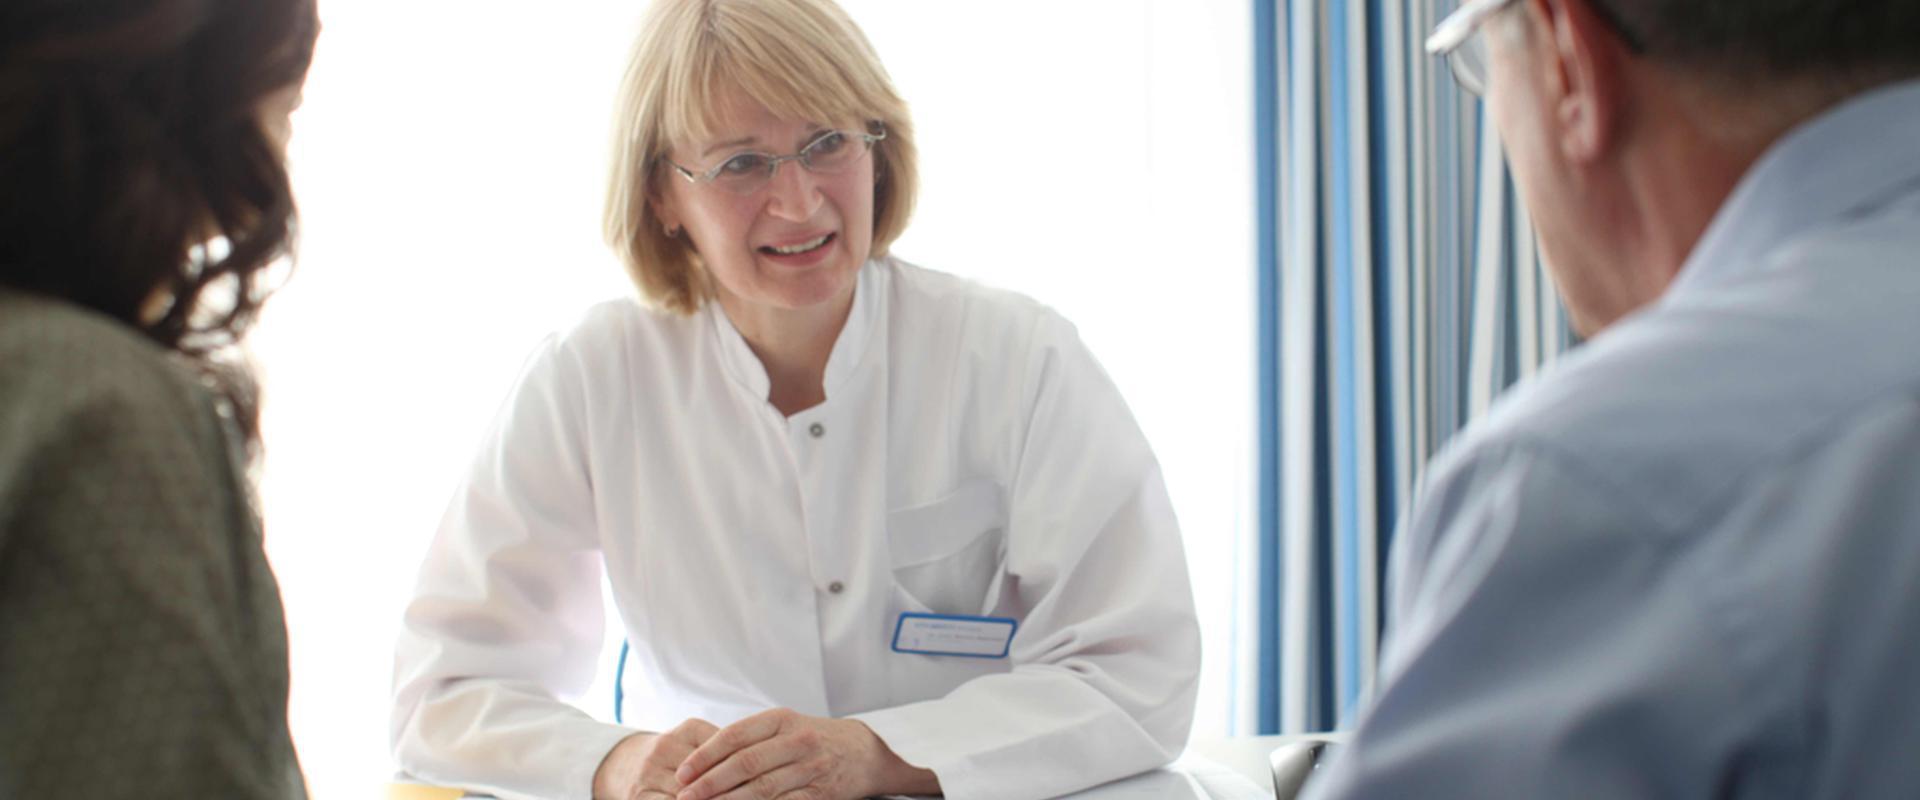 Gespräch zwischen Arzt und Patient in der MEDIAN Klinik Odenwald